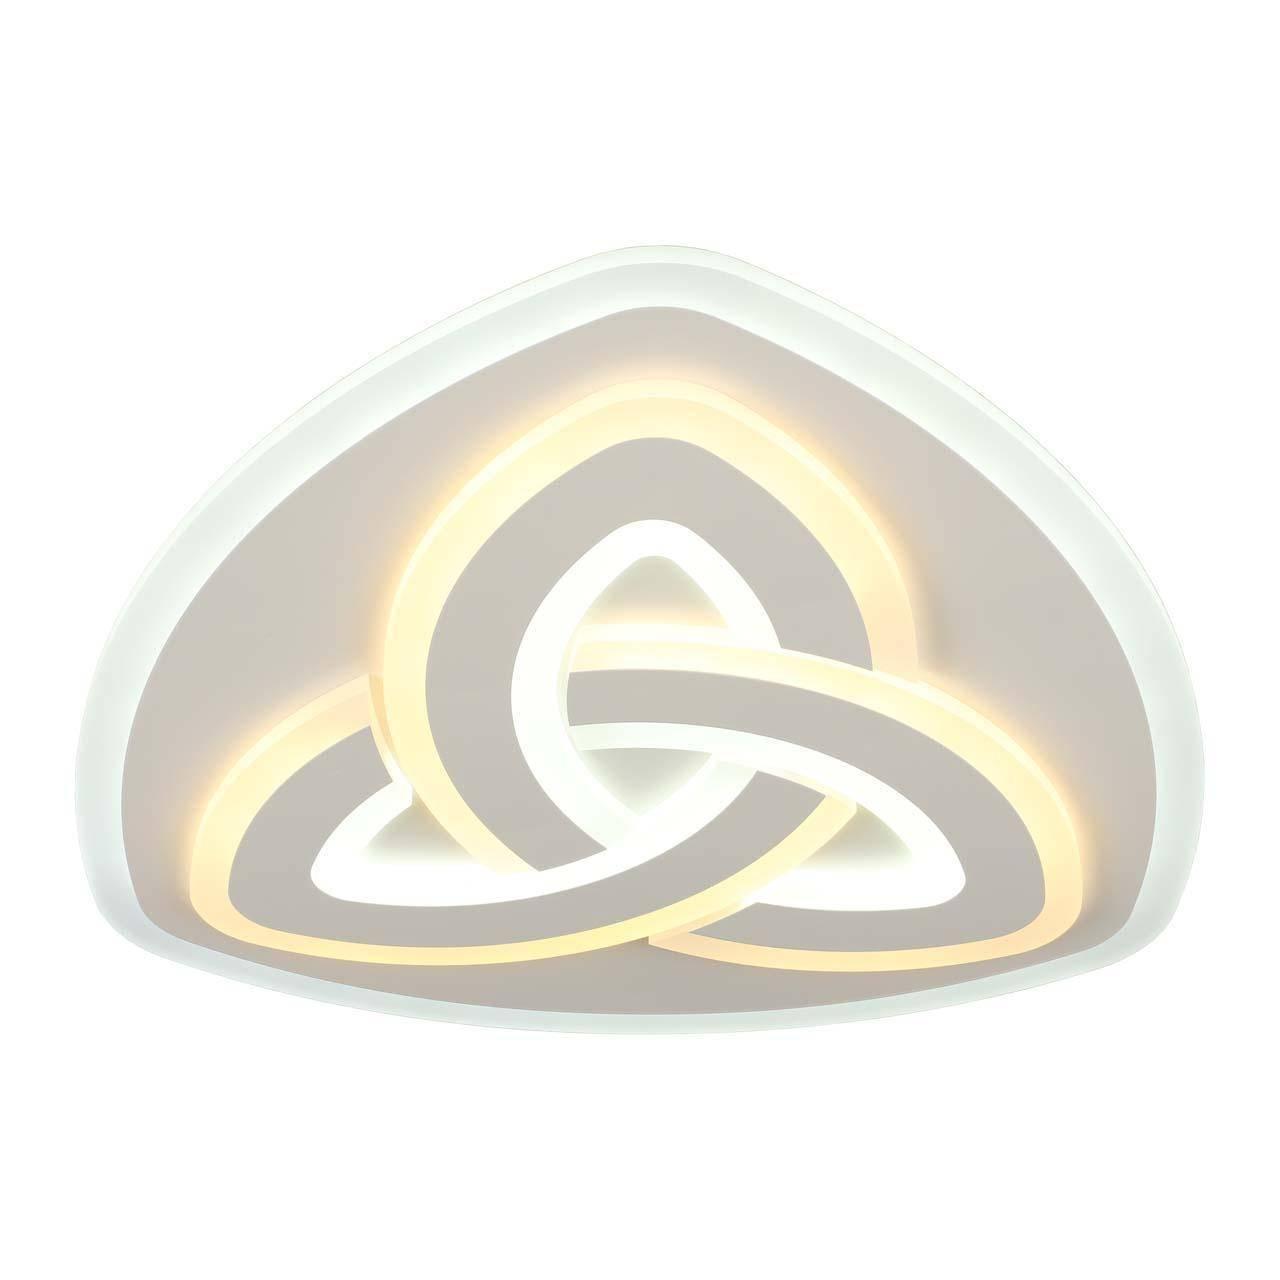 Потолочная светодиодная люстра Omnilux Loreto OML-09107-144